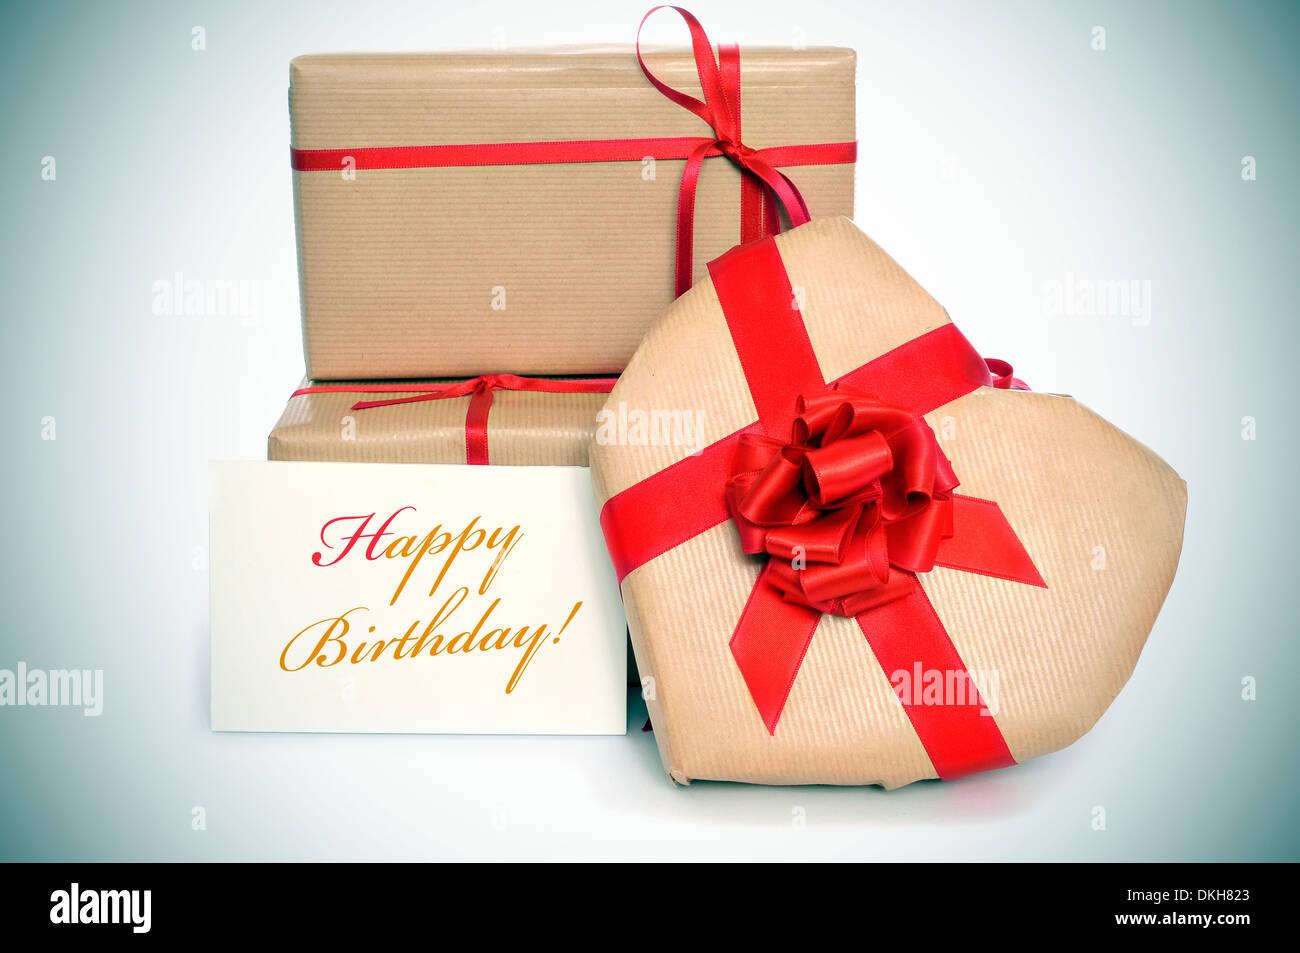 Alcuni doni, uno di essi a forma di cuore, e il testo happy birthday scritto in un cartello Immagini Stock